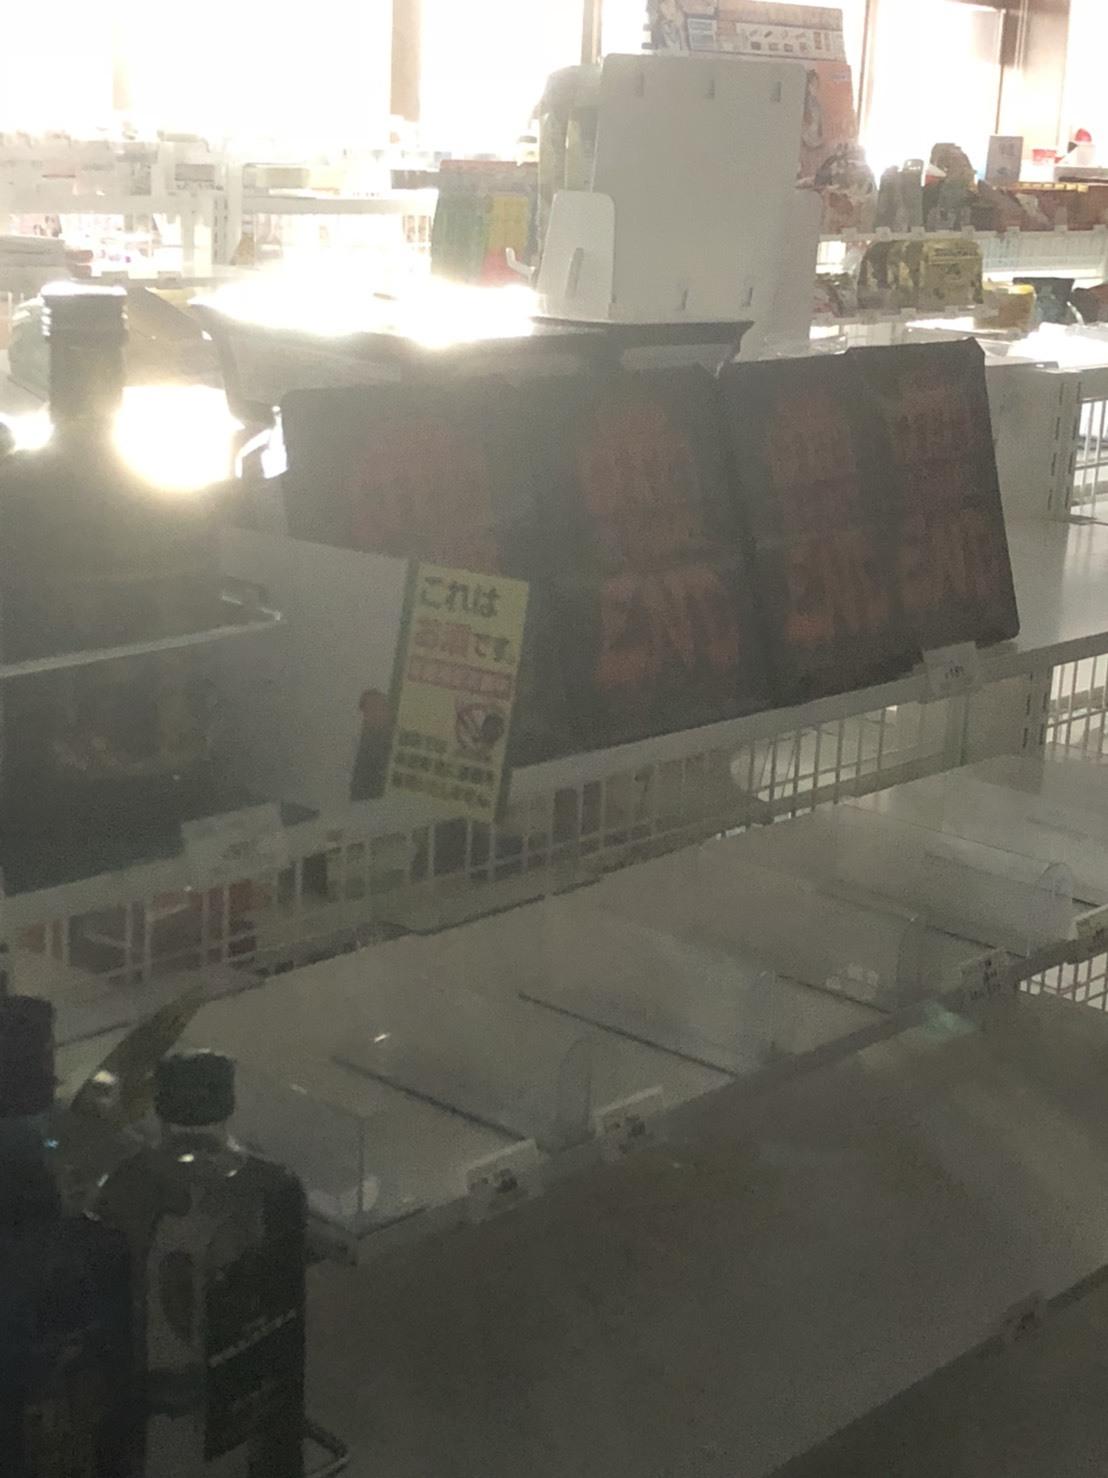 9月8日 トミーアウトレットブログ☆通常営業再開です!!ハイエースD社様納車!!_b0127002_18473544.jpg